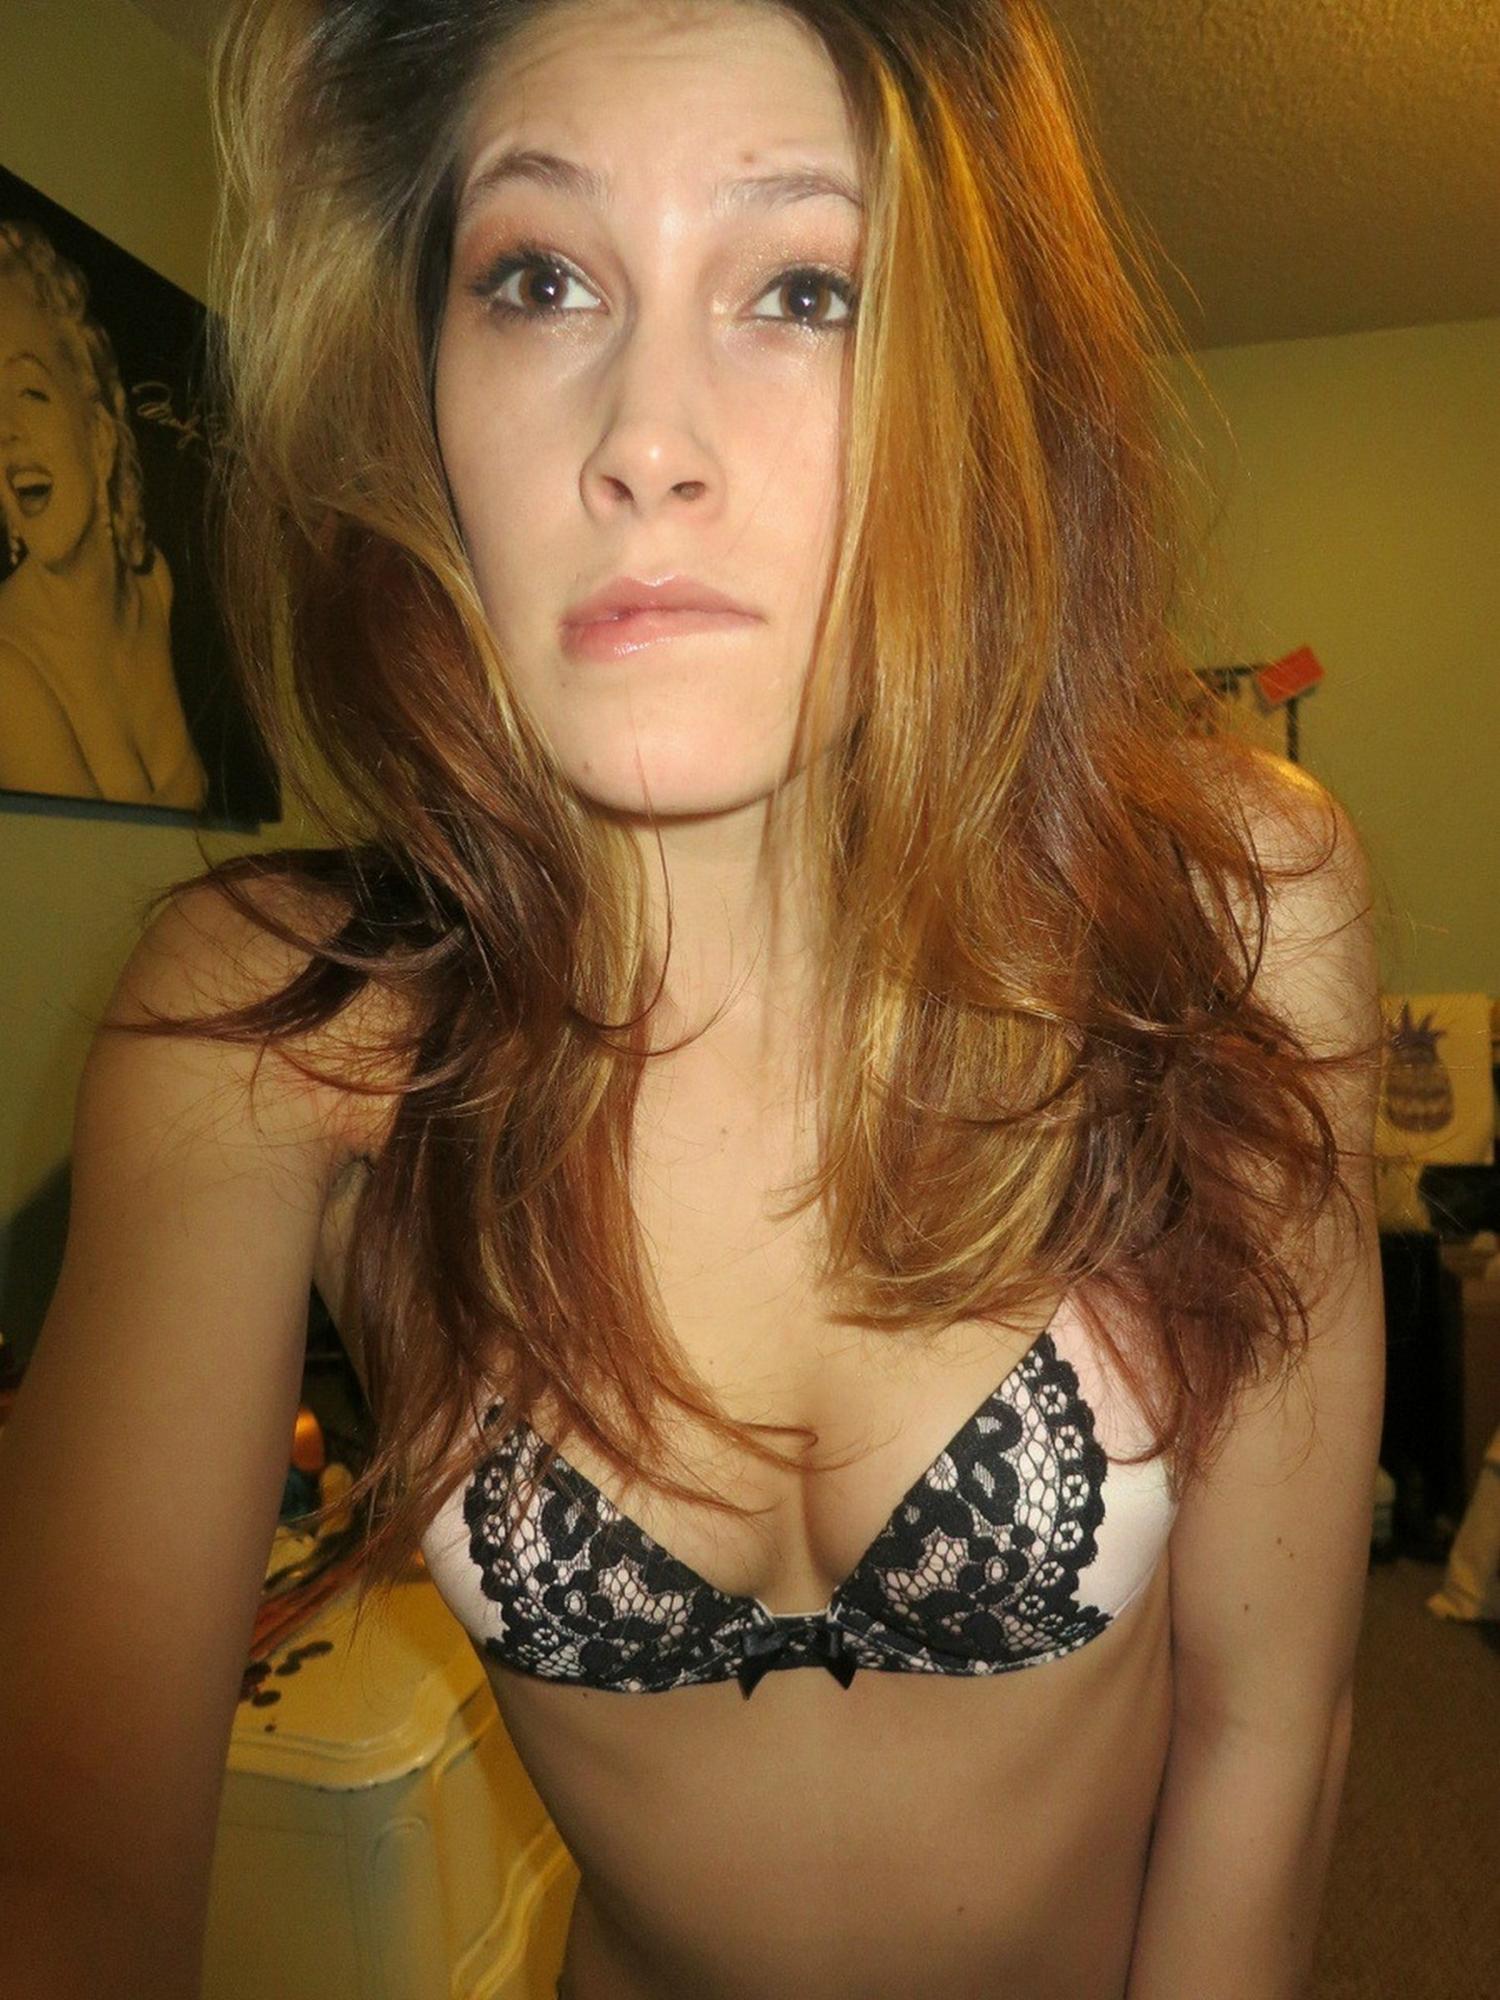 Худощавая милашка селфит свой стриптиз в спальне 11 фото